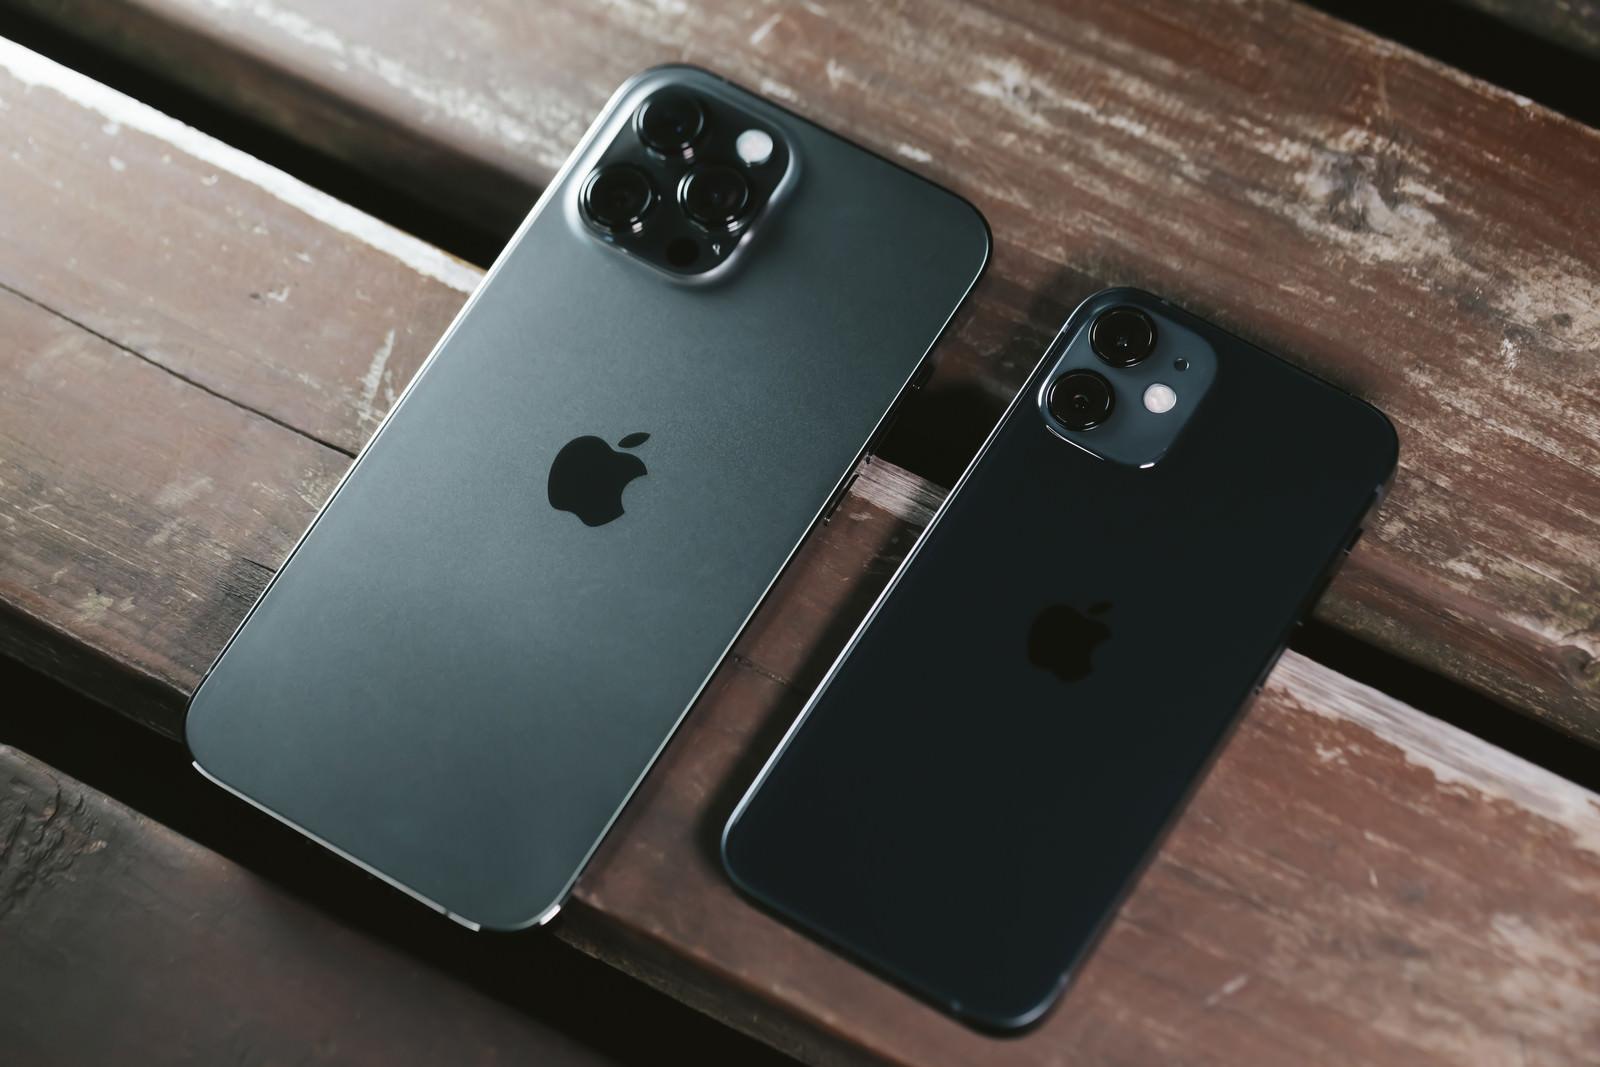 「iPhone 12 Pro Max と iPhone 12 mini の大きさ」の写真